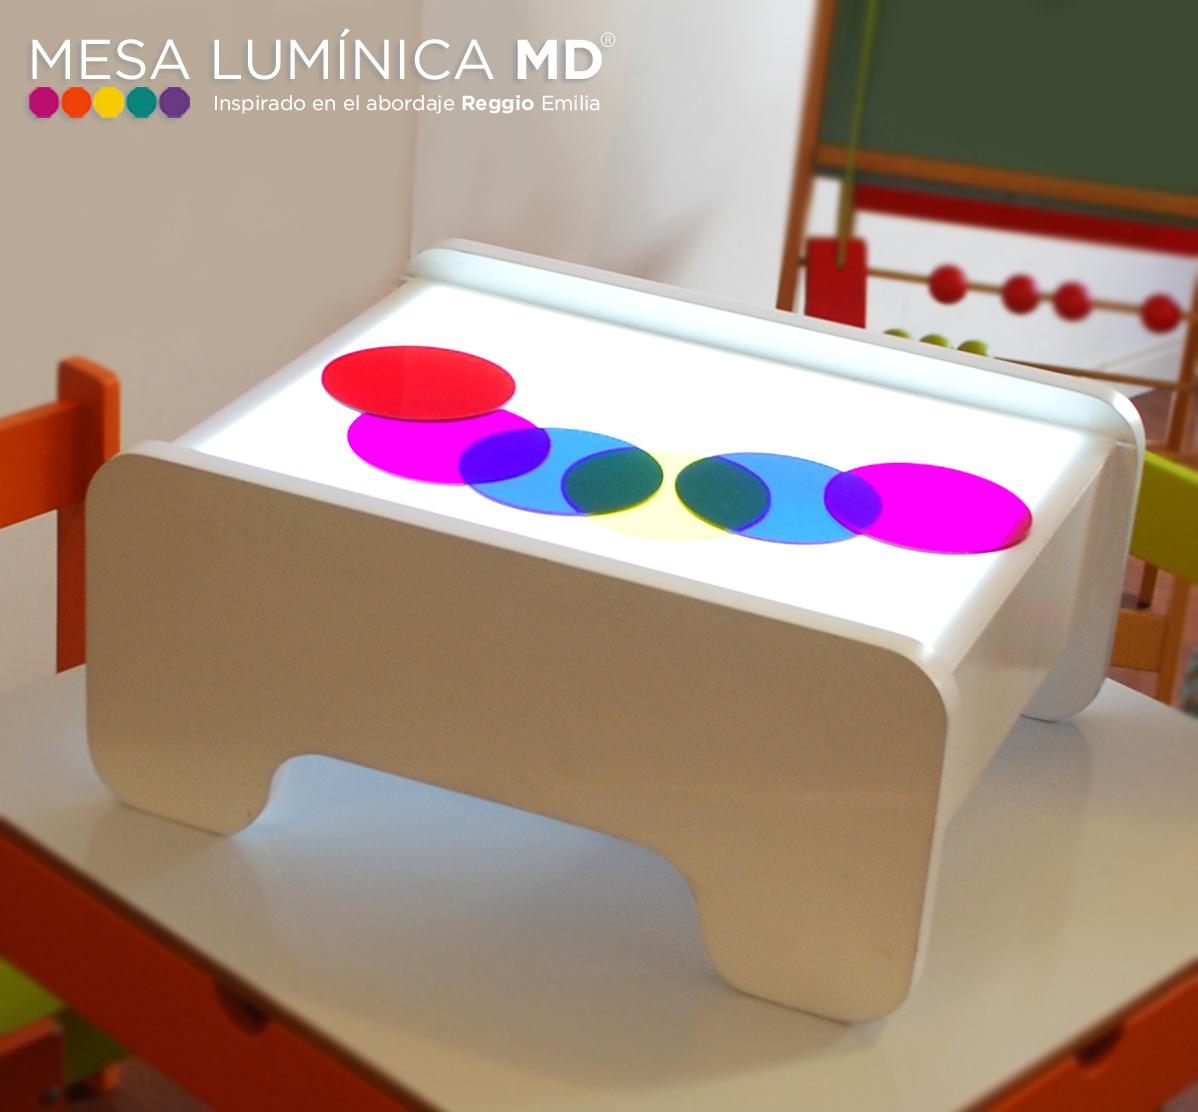 Md herramientas educativas mesas lum nicas qu son - Mesas para ninos pequenos ...